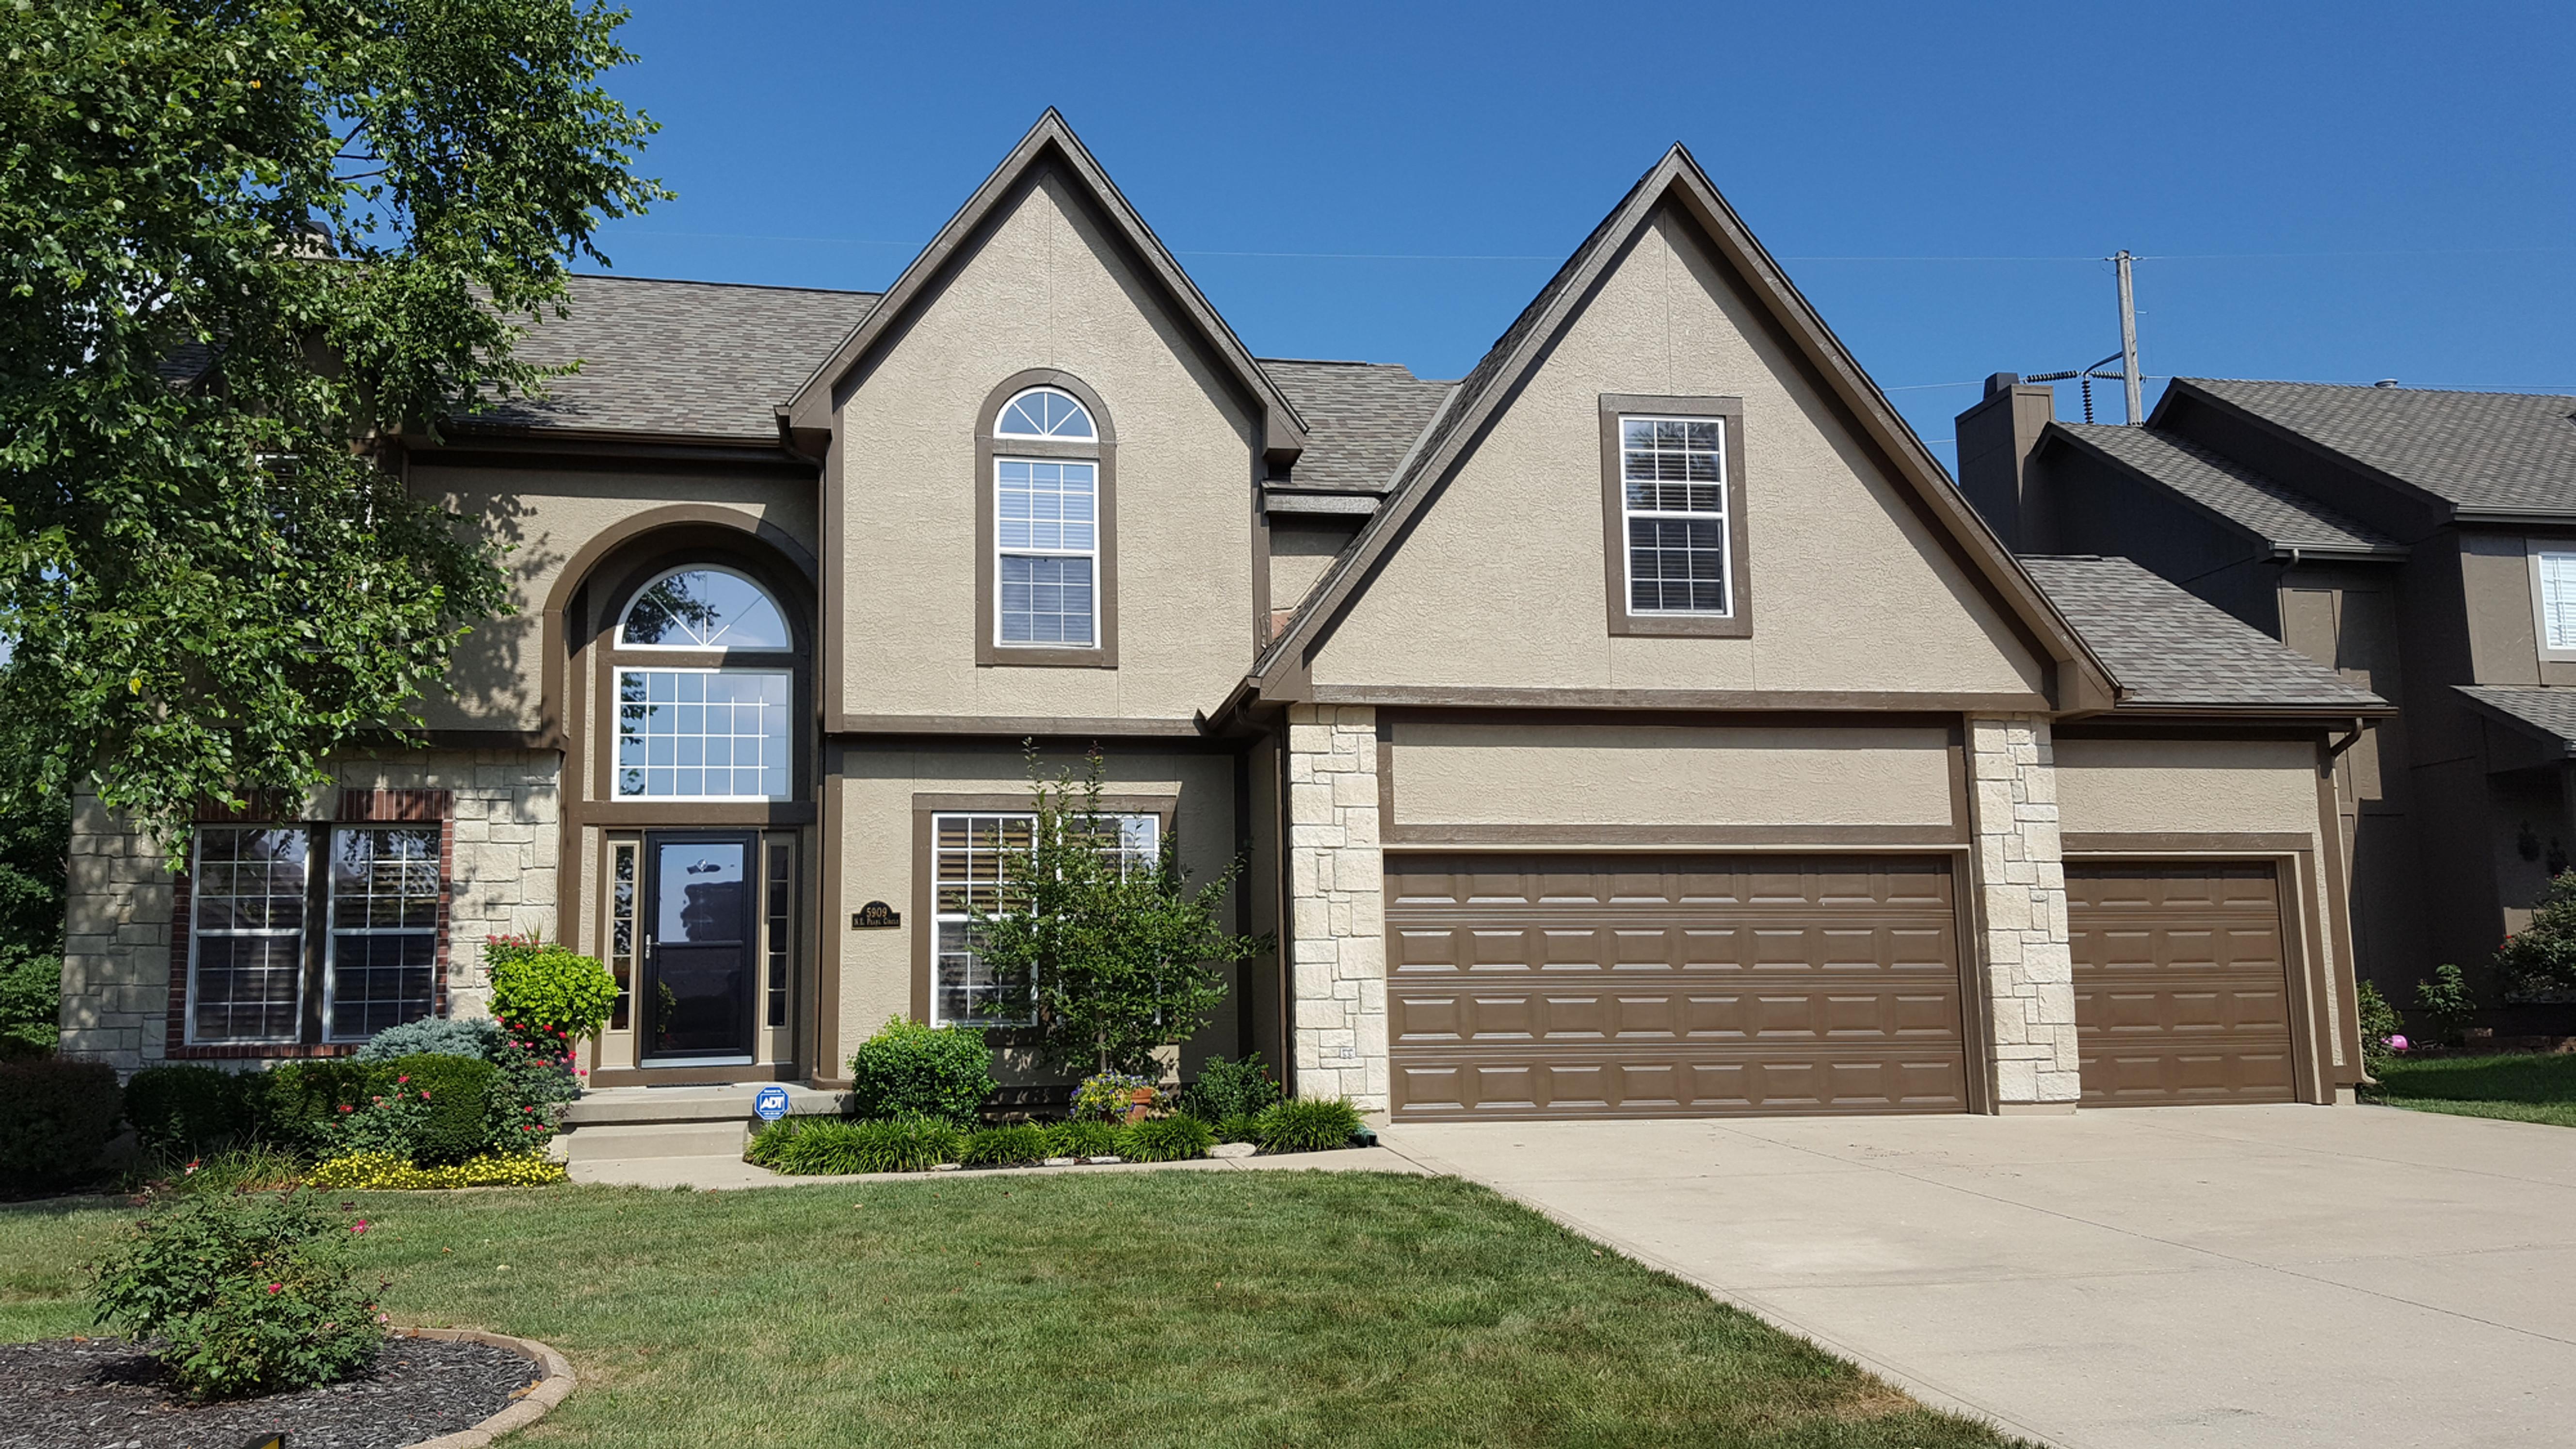 Homes 3000 - 3999 sqft